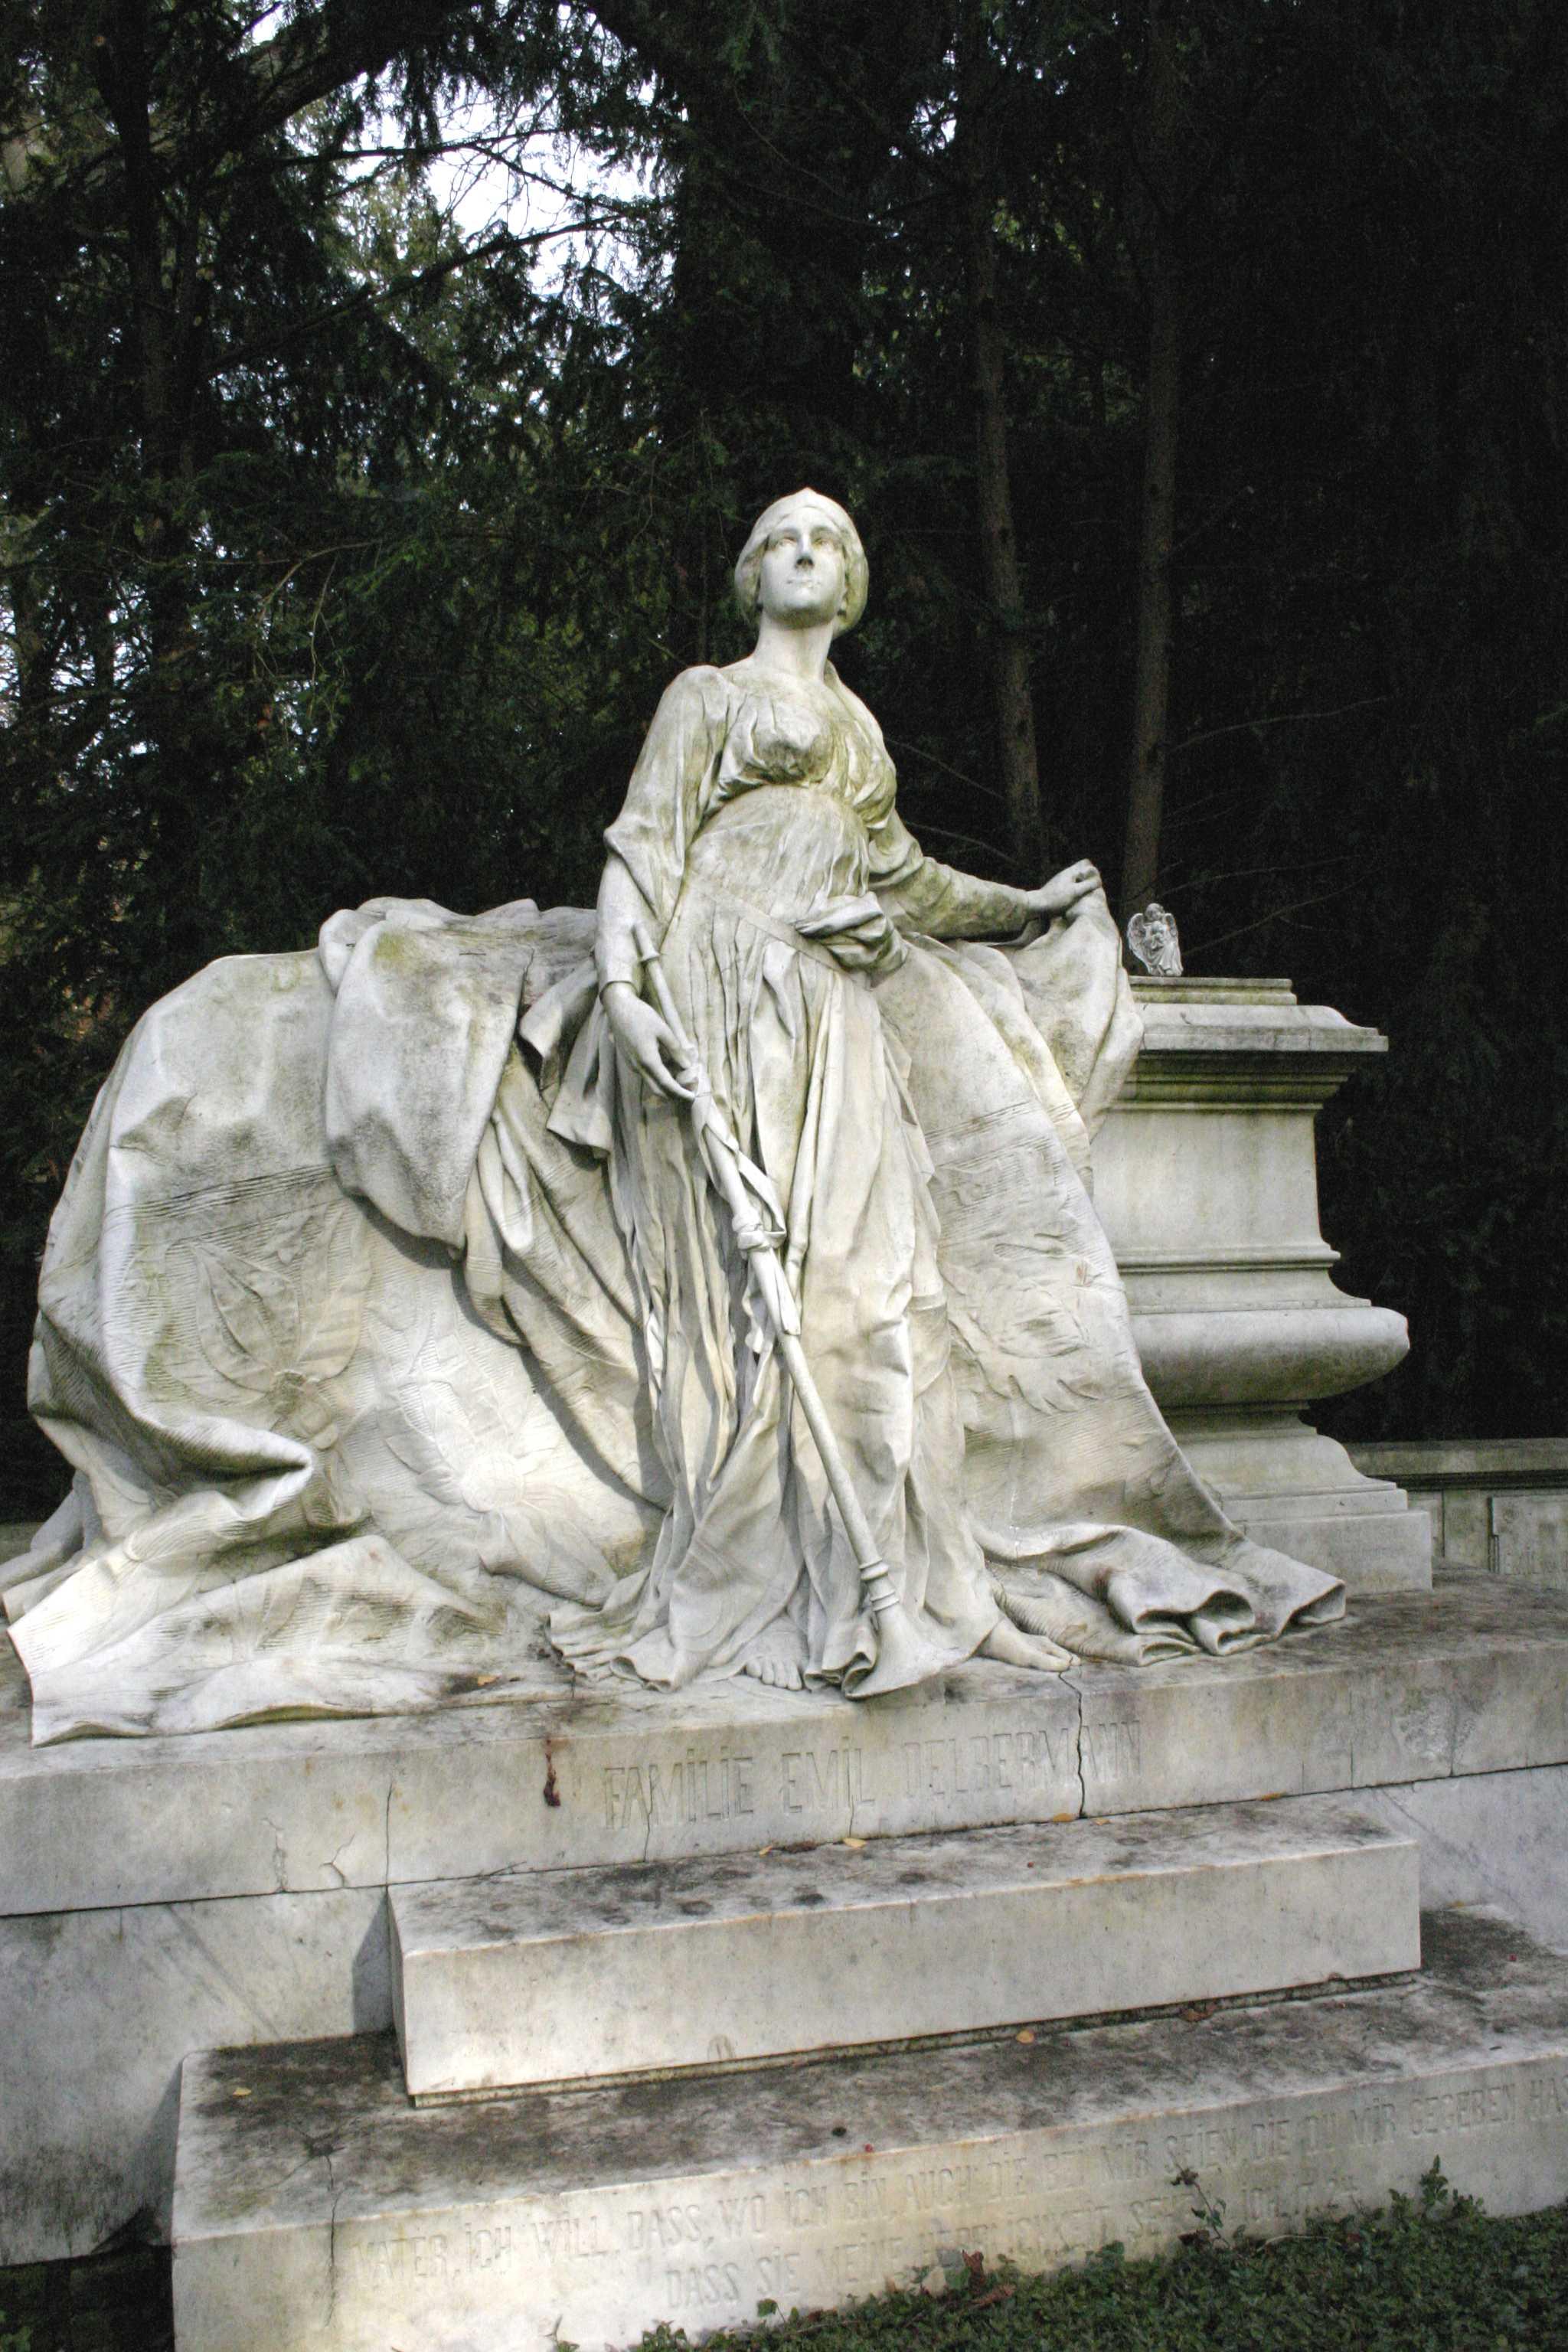 Grabmal von Oelbermann auf dem Kölner Melatenfriedhof